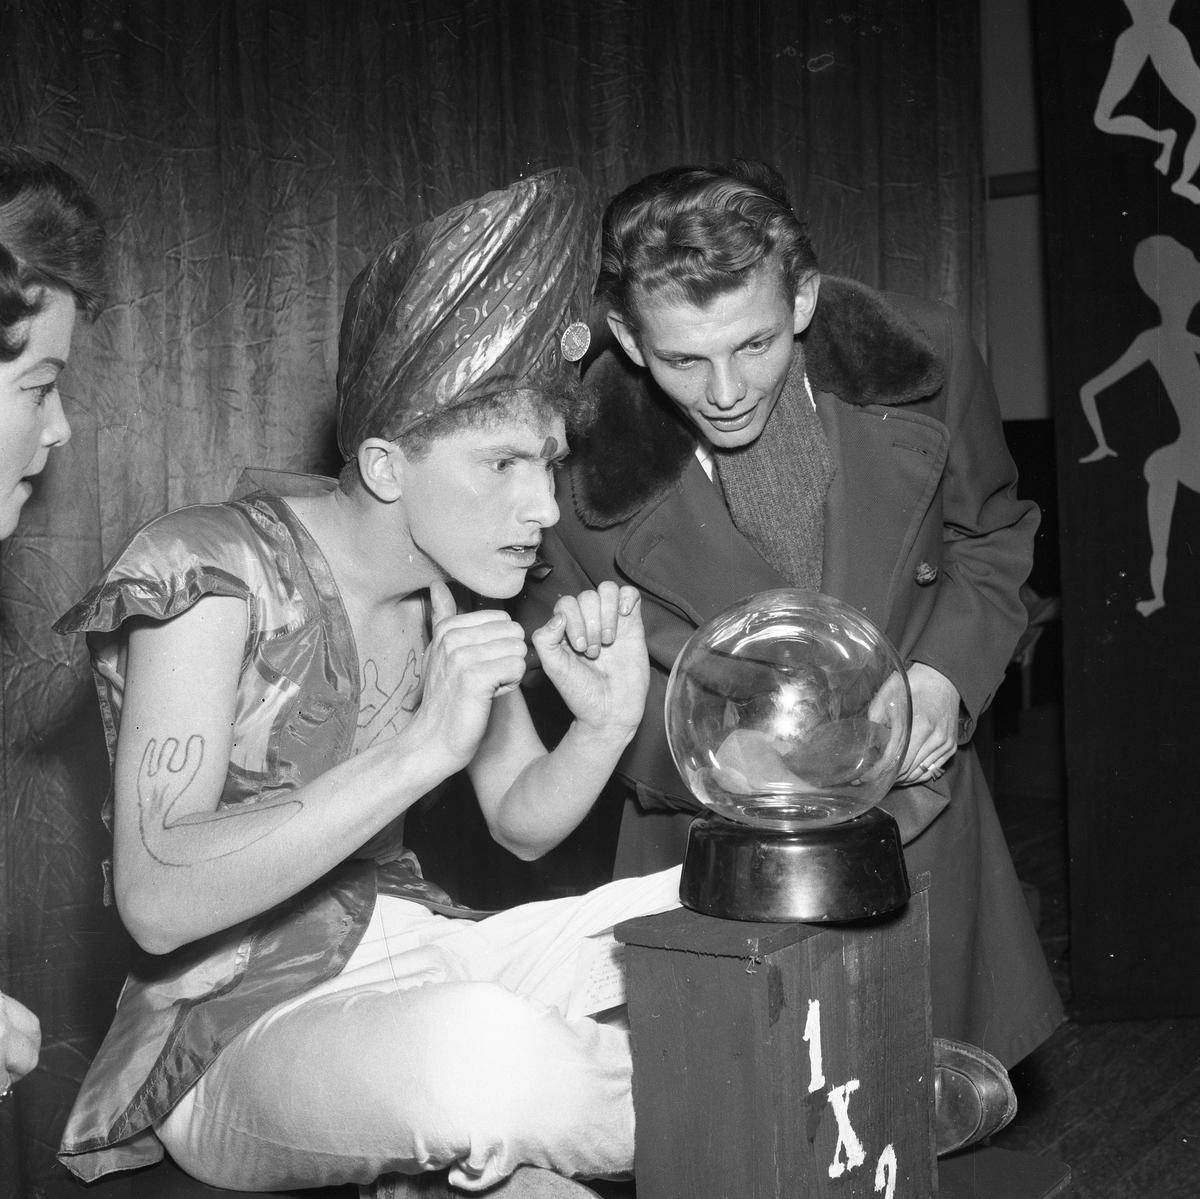 Arbogarevyns medlemmar spelar upp sin Jubileumsrevy. Larz-Thure Ljungdahl, iklädd turban, skådar i sin kristallkula. Mats Torstensson tittar intresserat på.